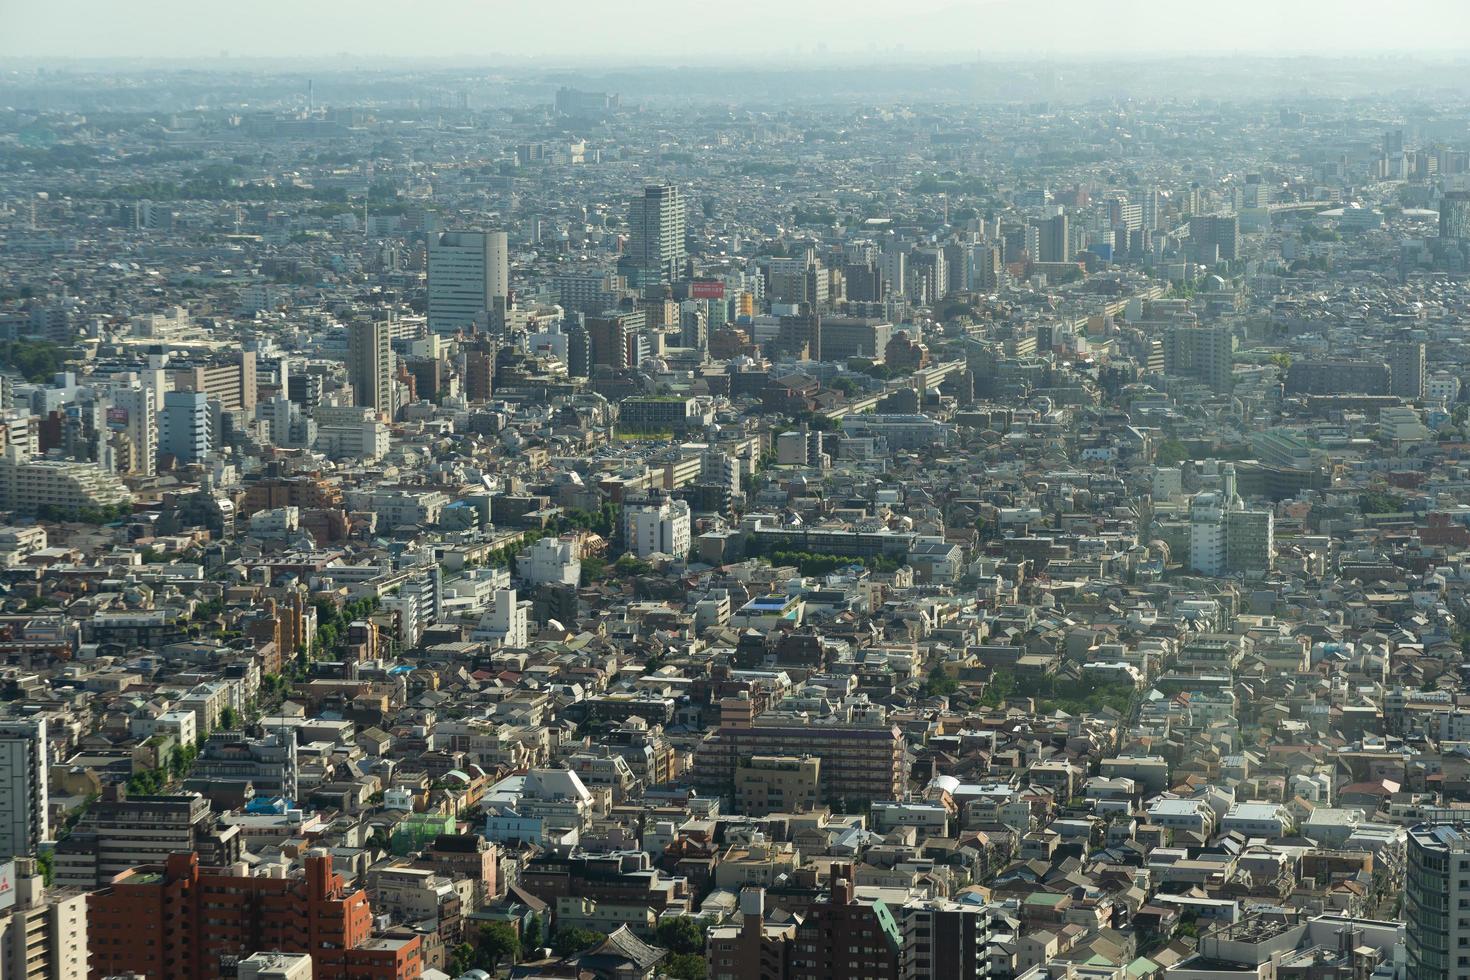 ciudad de tokio, vista aérea foto